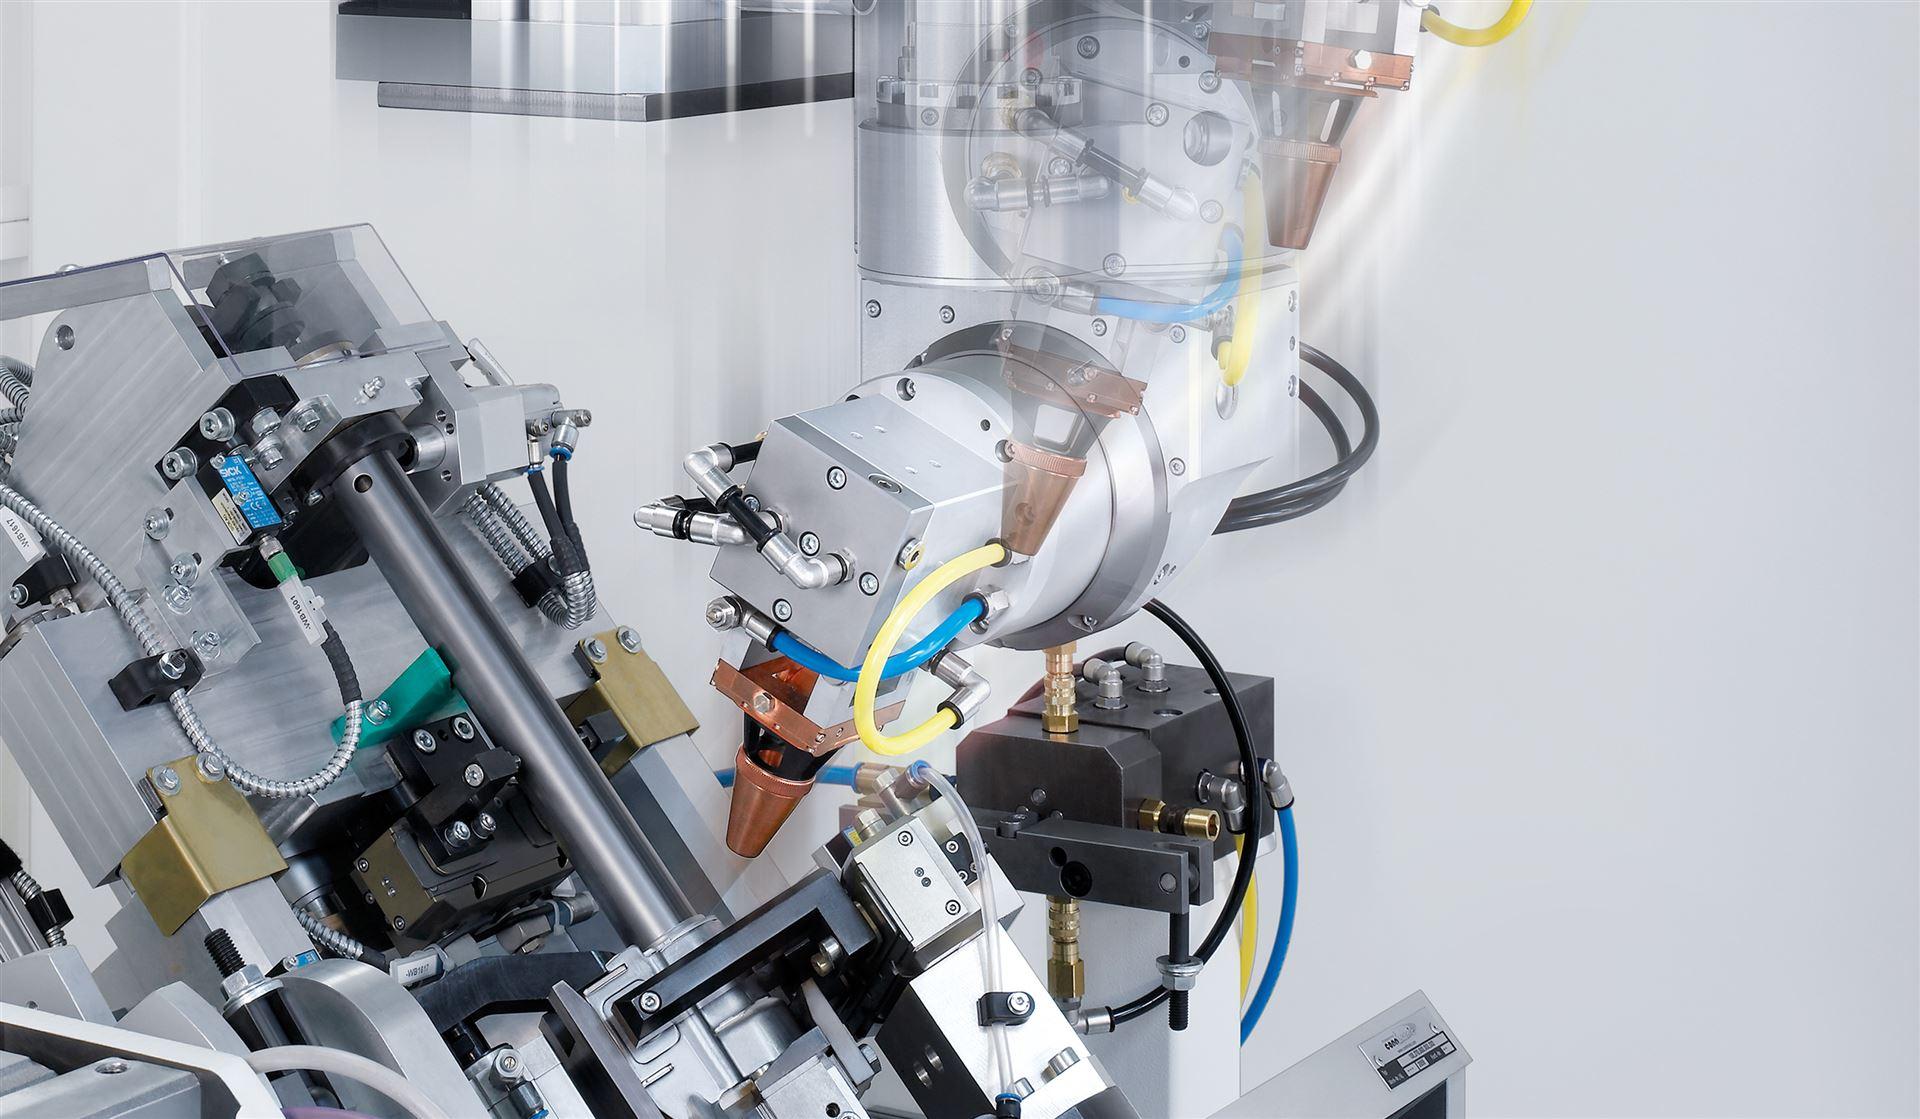 LWC: Multi-Achsen-Laserschweißzellen mit intelligenten Werkzeugkonzepten